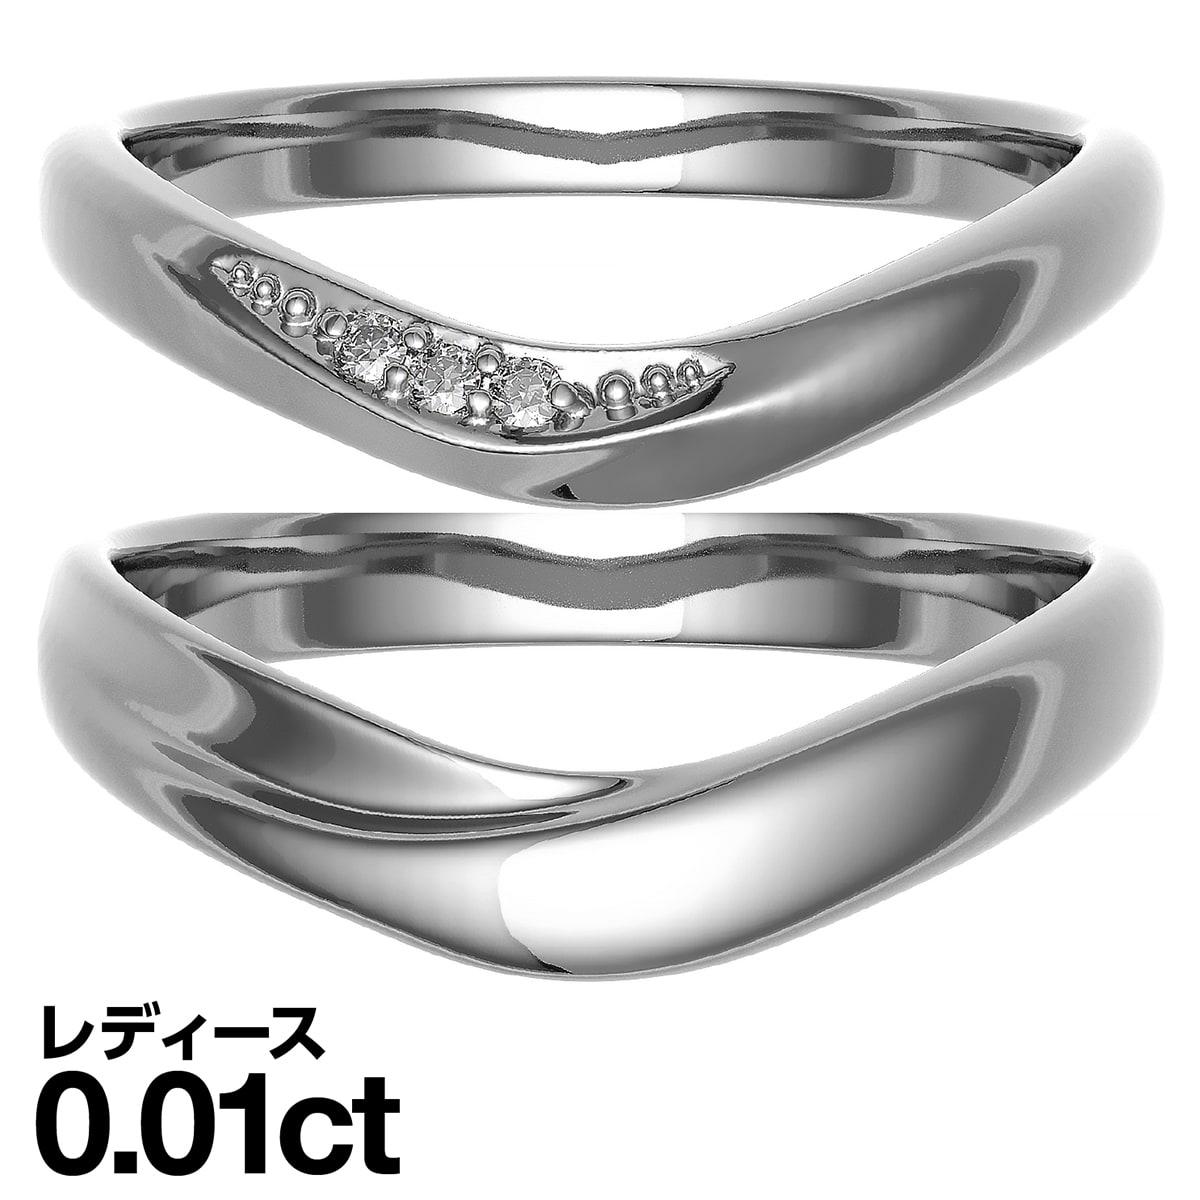 【送料無料】ペアリング 結婚指輪 K10ゴールド 2本セット マリッジリング 天然 ダイヤモンド 日本製 【ゴールド】【結婚指輪】【ペアリング】【マリッジリング】【ダイヤモンド】